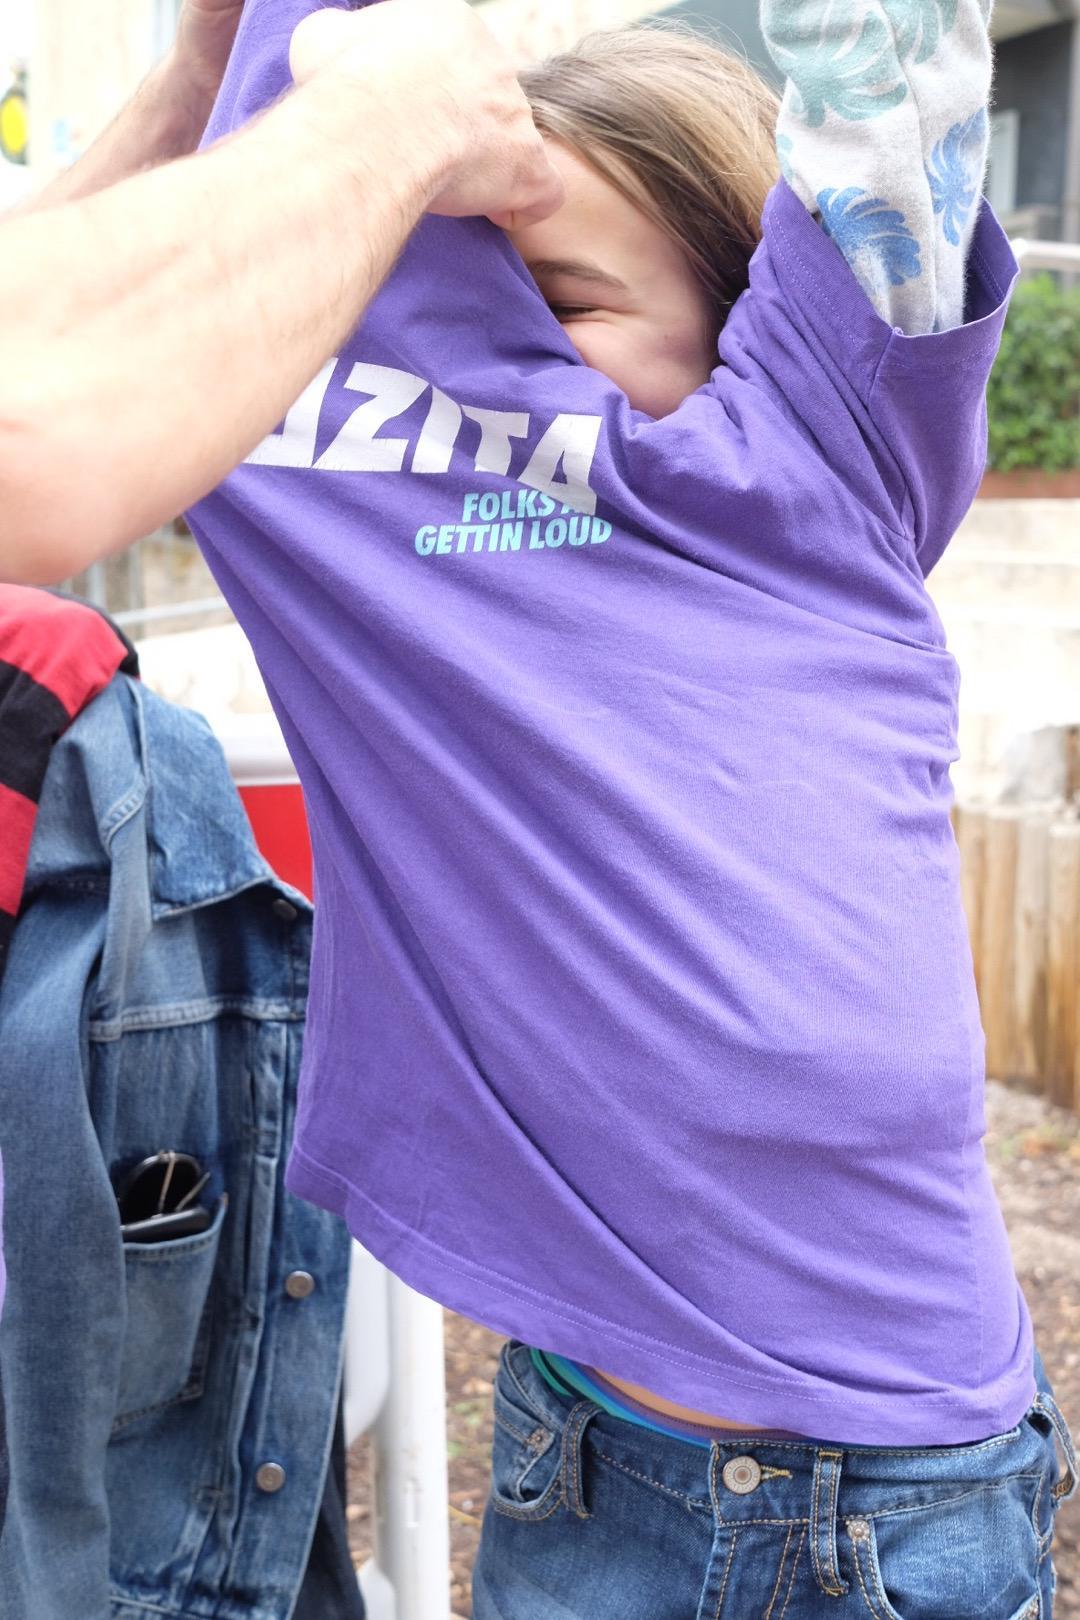 Folks All Gettin Loud Purple 4